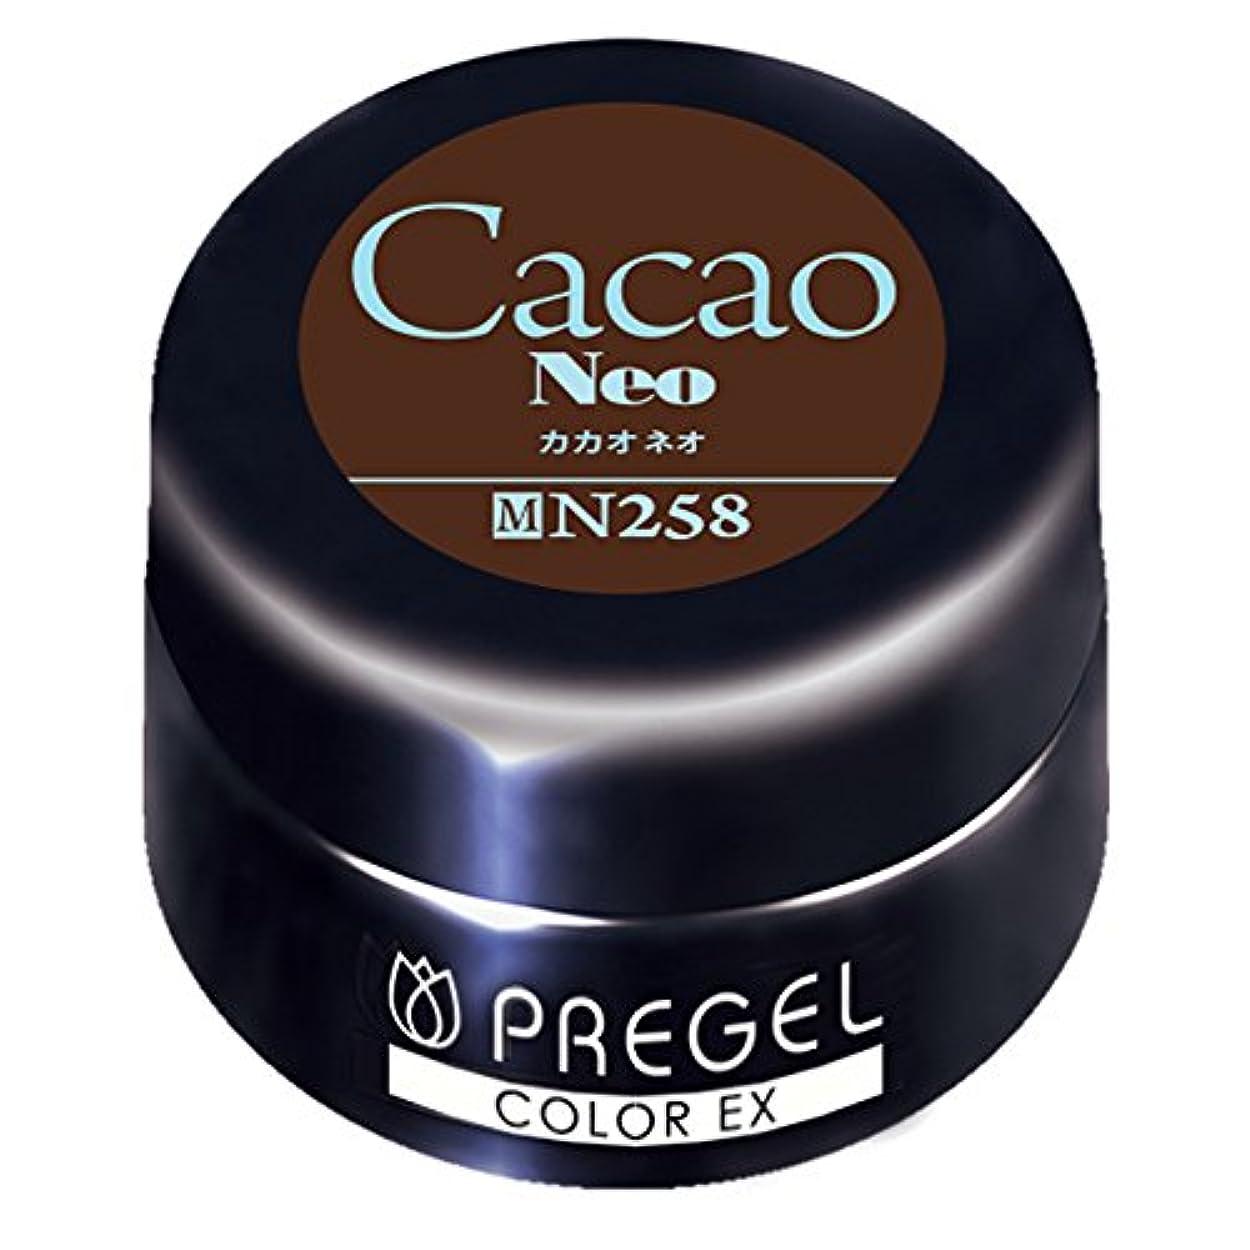 証言するズボン癒すPRE GEL カラーEX カカオneo 258 4g UV/LED対応